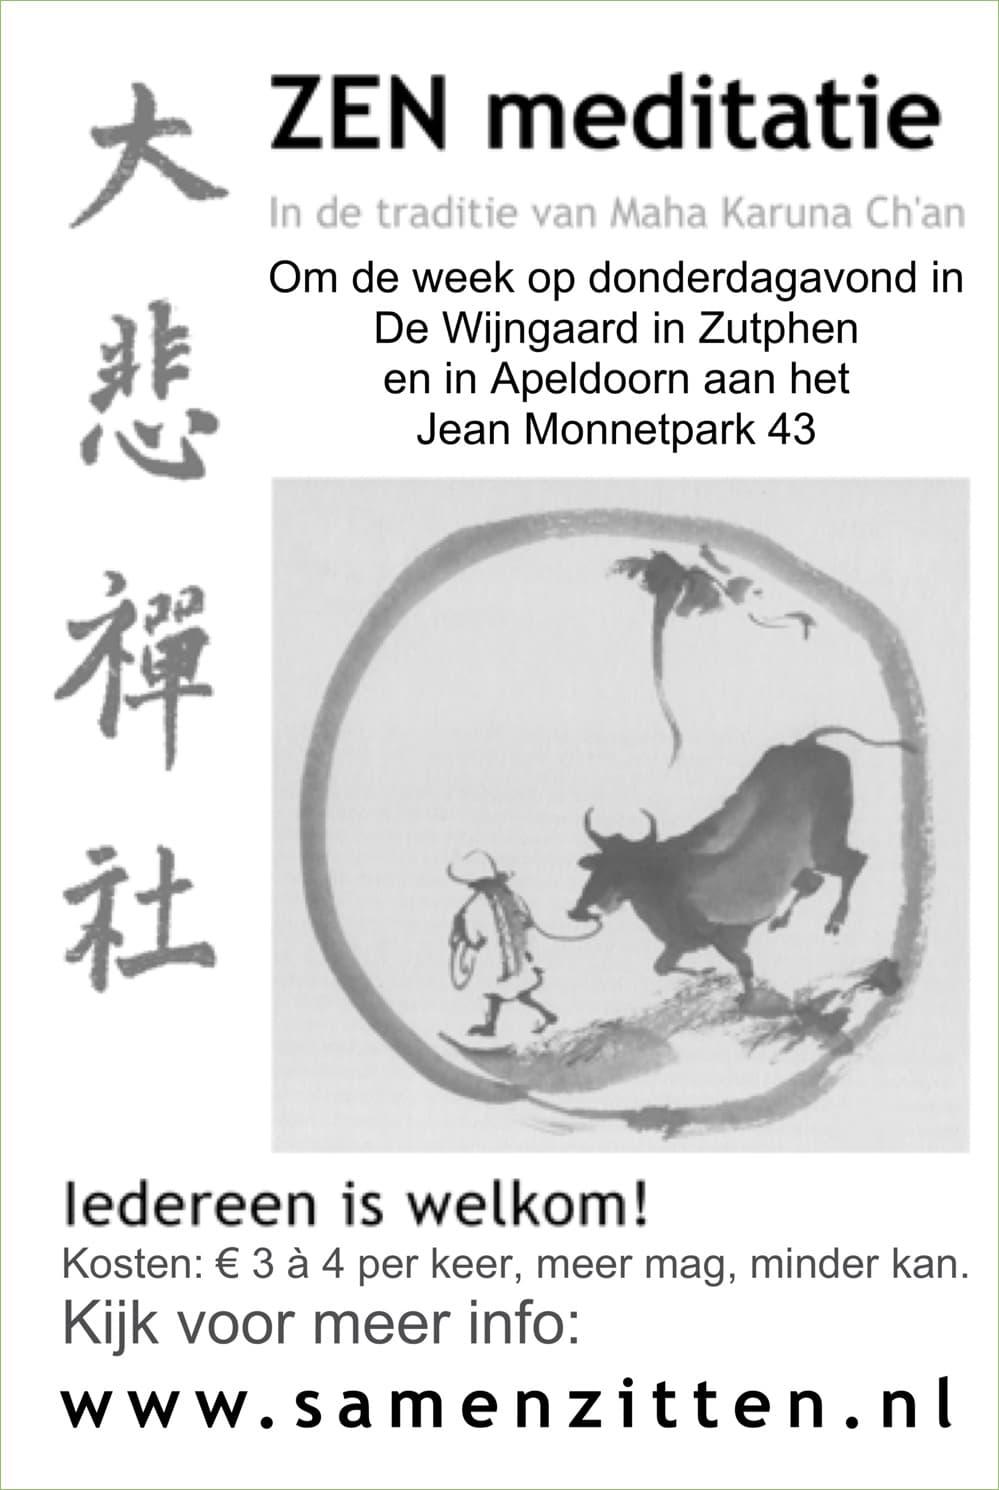 Samen Zitten, Zen-meditatie in Apeldoorn en Zutphen